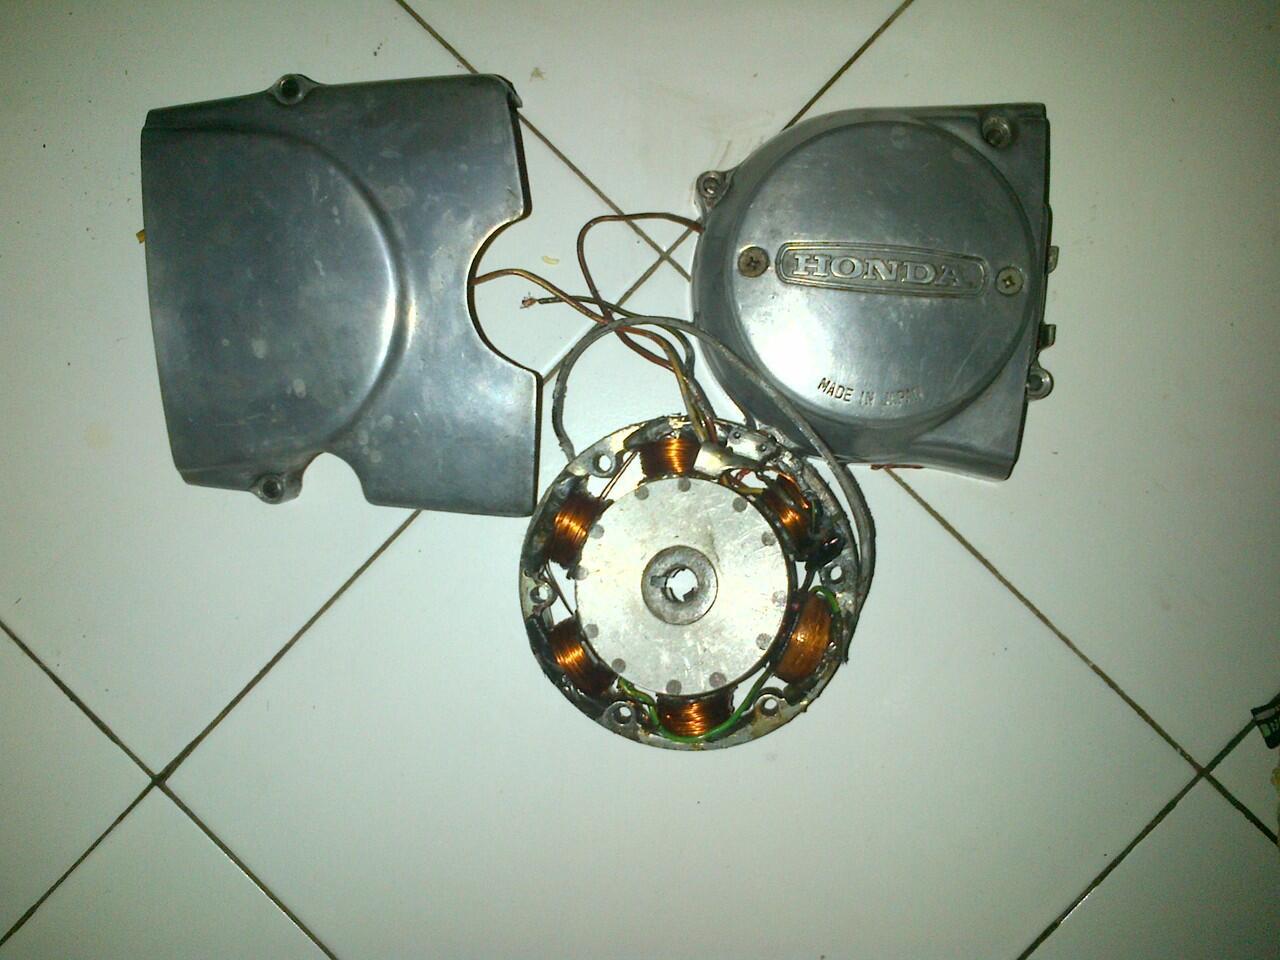 magnit+spul+kalter CB 125 (K2)